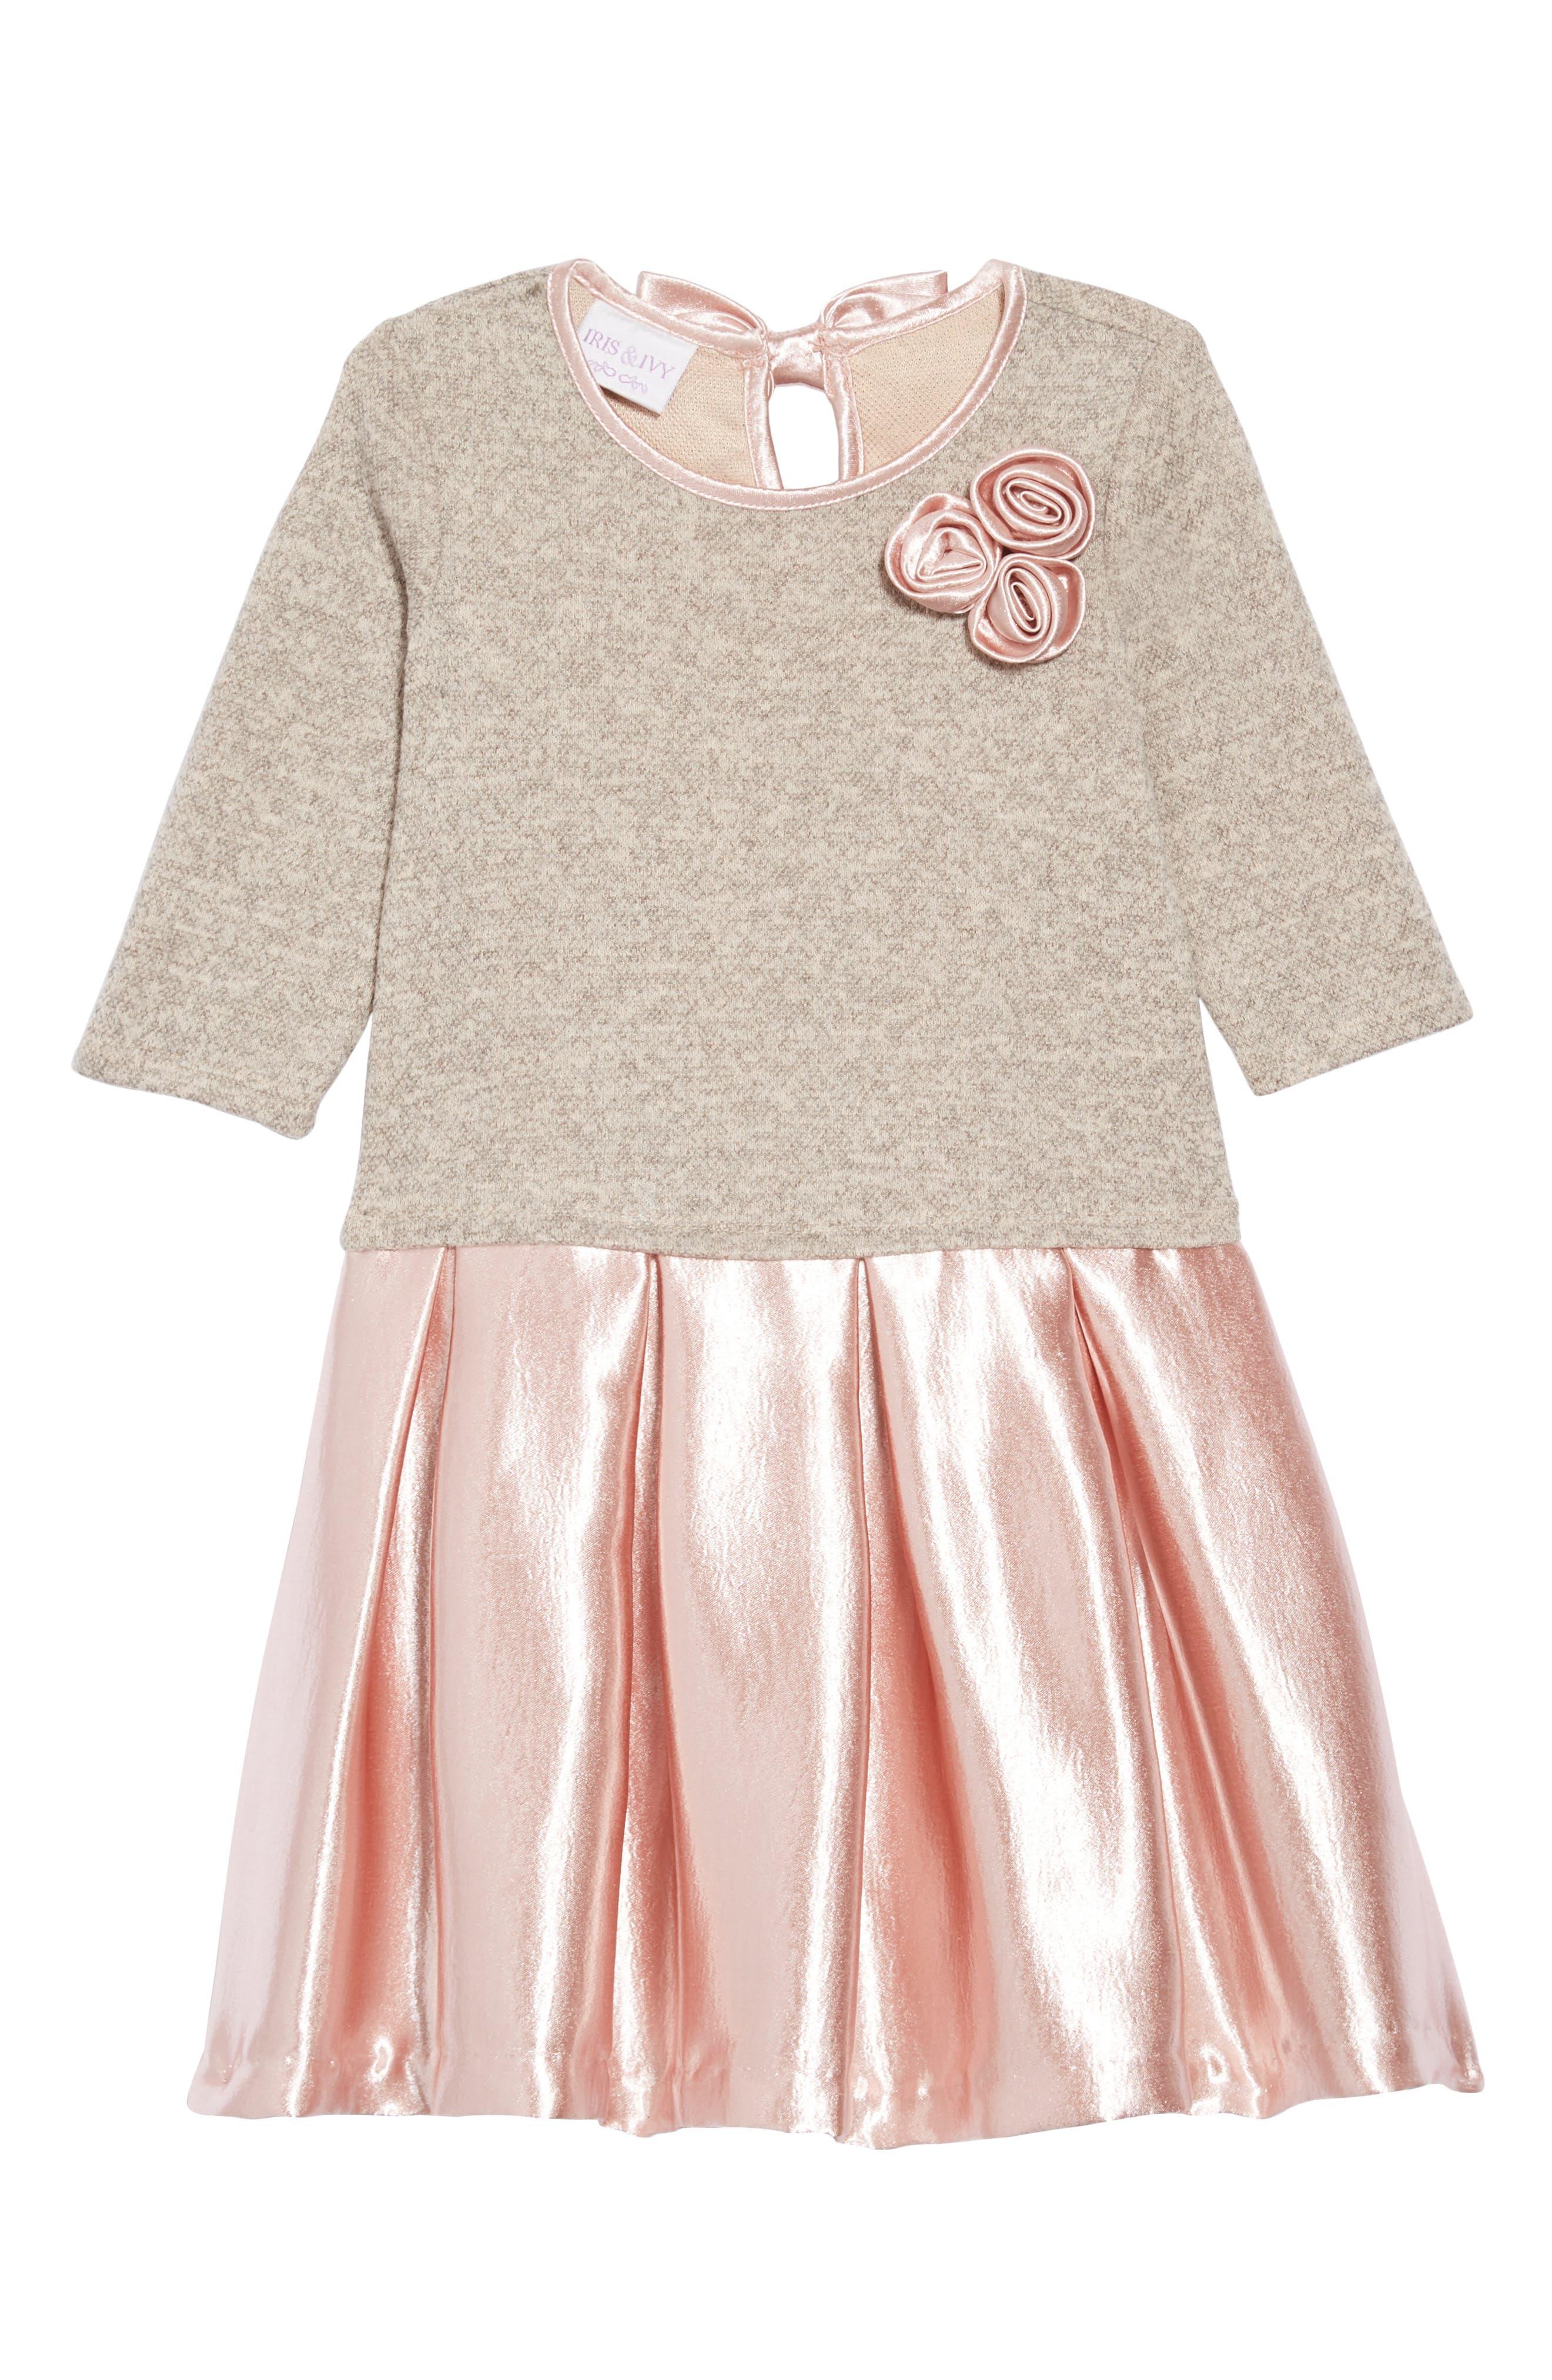 Knit Hammered Satin Dress,                             Main thumbnail 1, color,                             ROSE